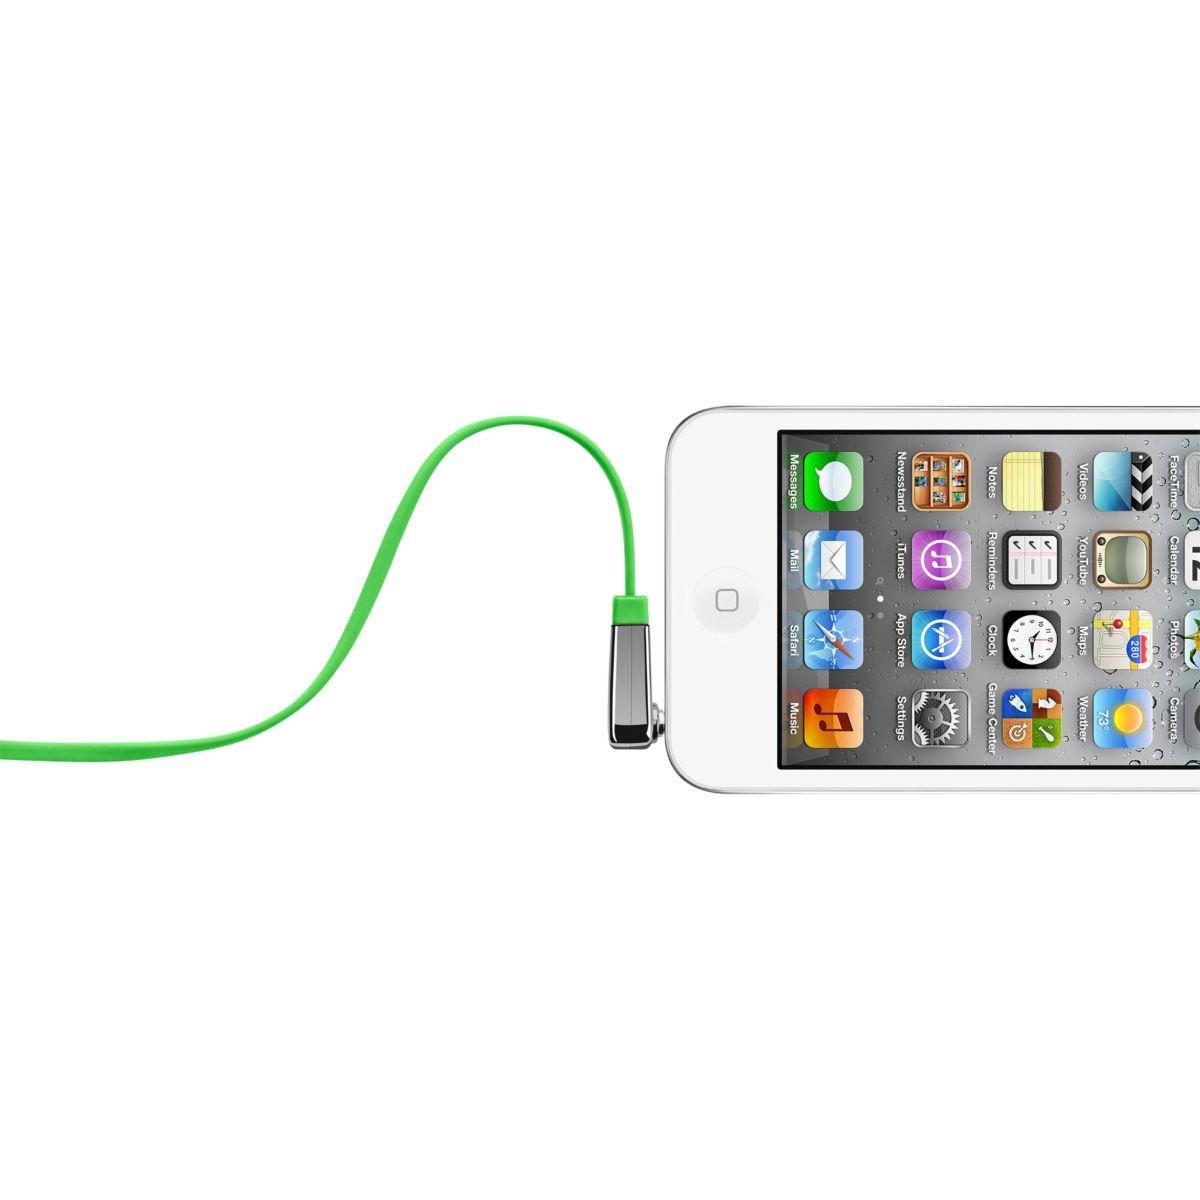 Connectique belkin câble plat coudé vert - 10% de remise immédiate avec le code : cool10 (photo)